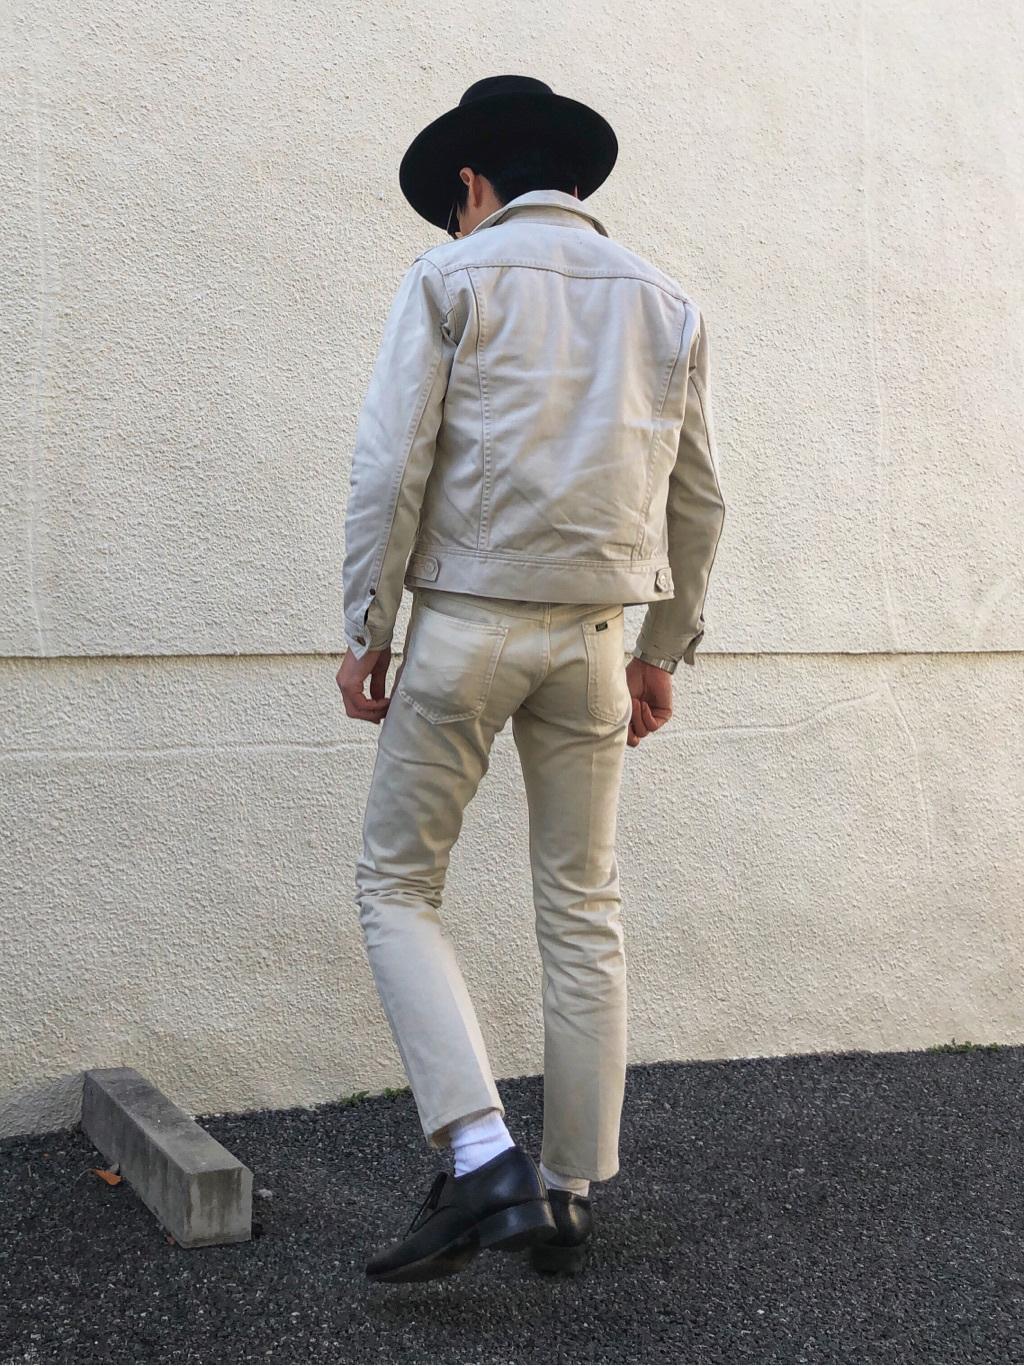 大阪店のサカモトヒロシさんのLeeのAMERICAN STANDARD 205 タイトストレート  サテンを使ったコーディネート